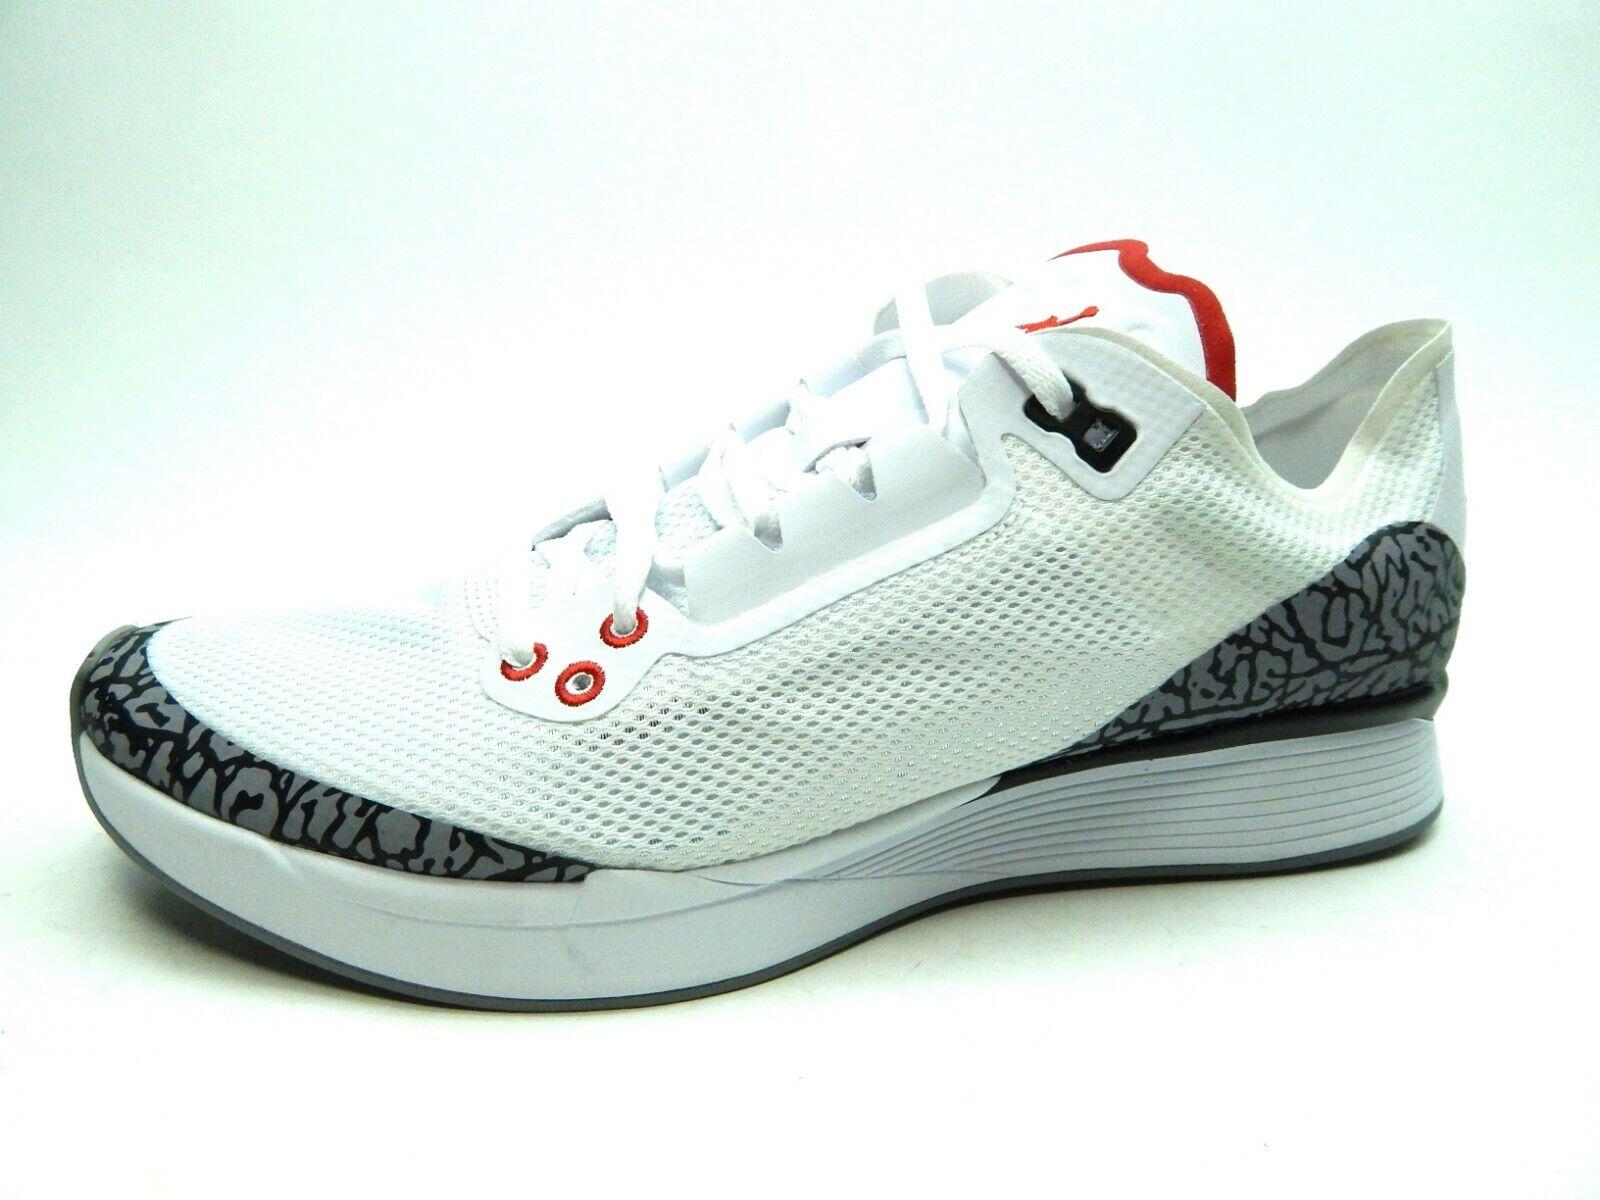 e2fd58836a9 Mens Jordan 88 Racer Av1200-100 White/fire Red Size 11 for sale ...